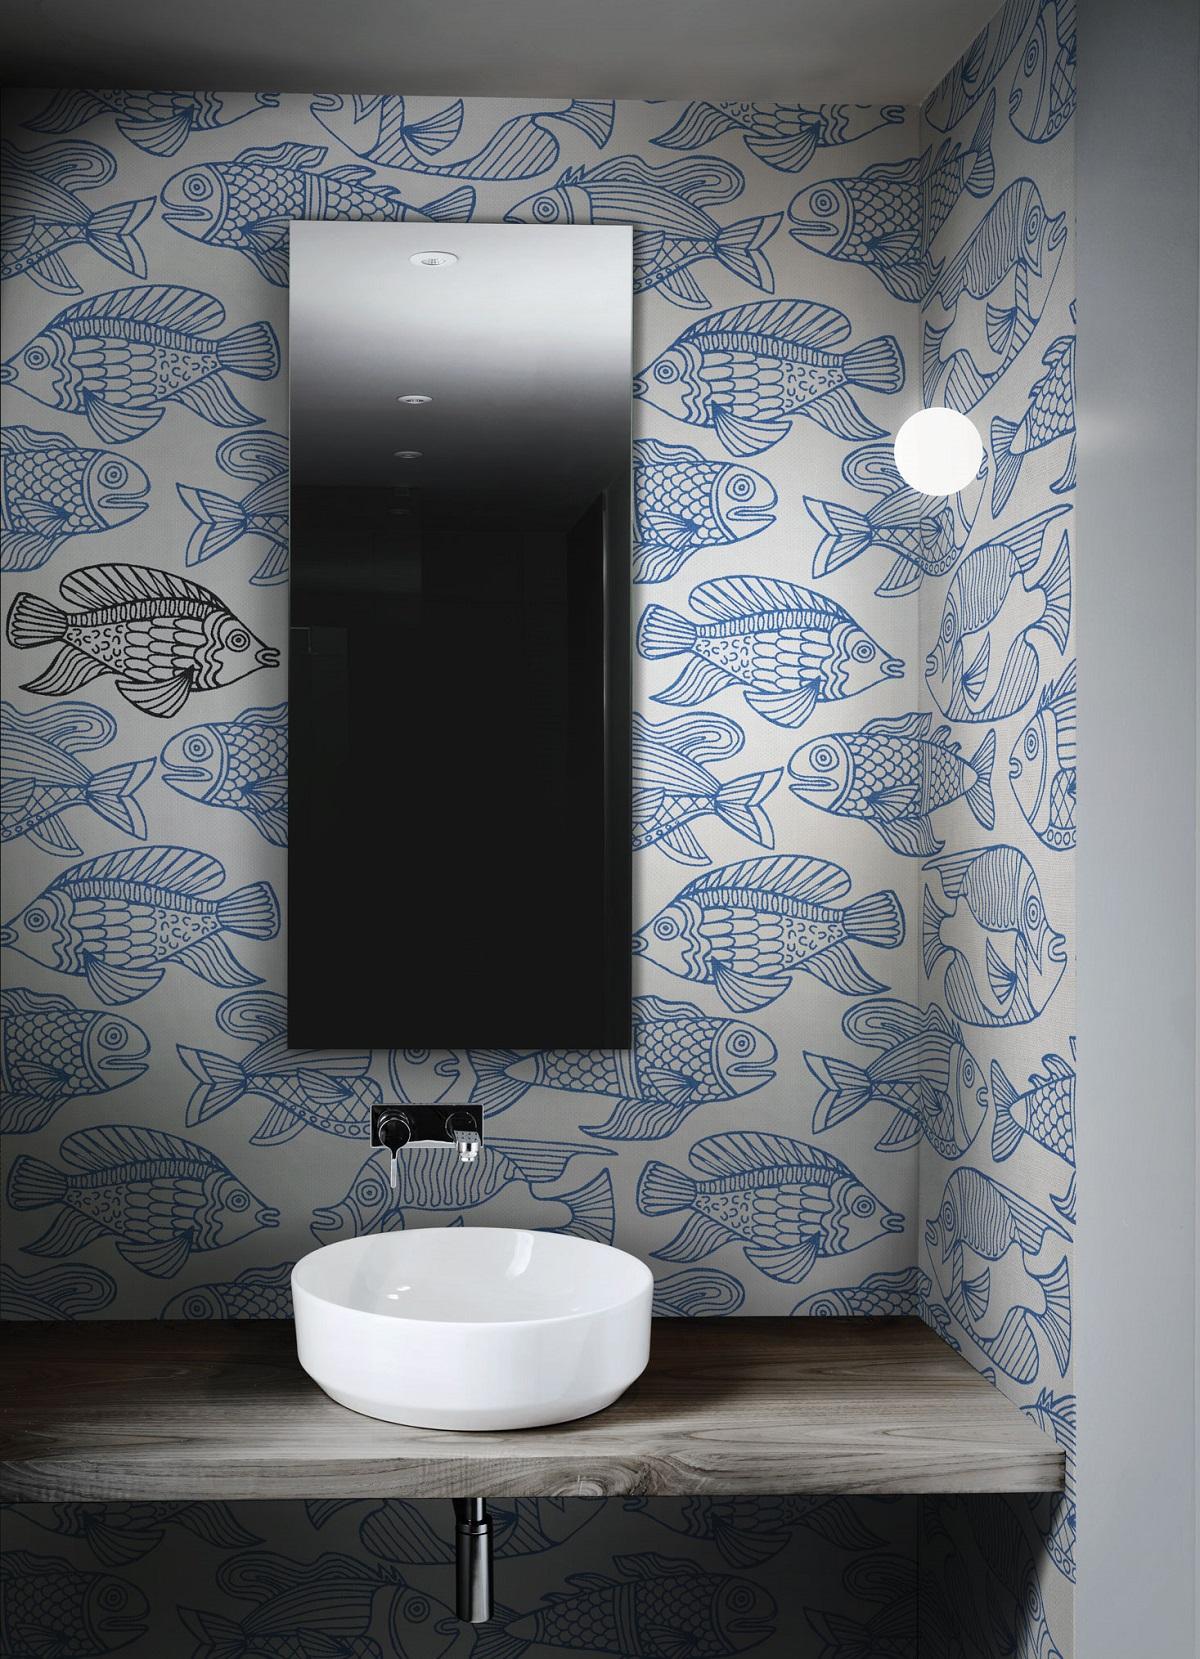 Carte da parati per il bagno tutte le novit 2018 19 for Carta da parati lavabile per bagno